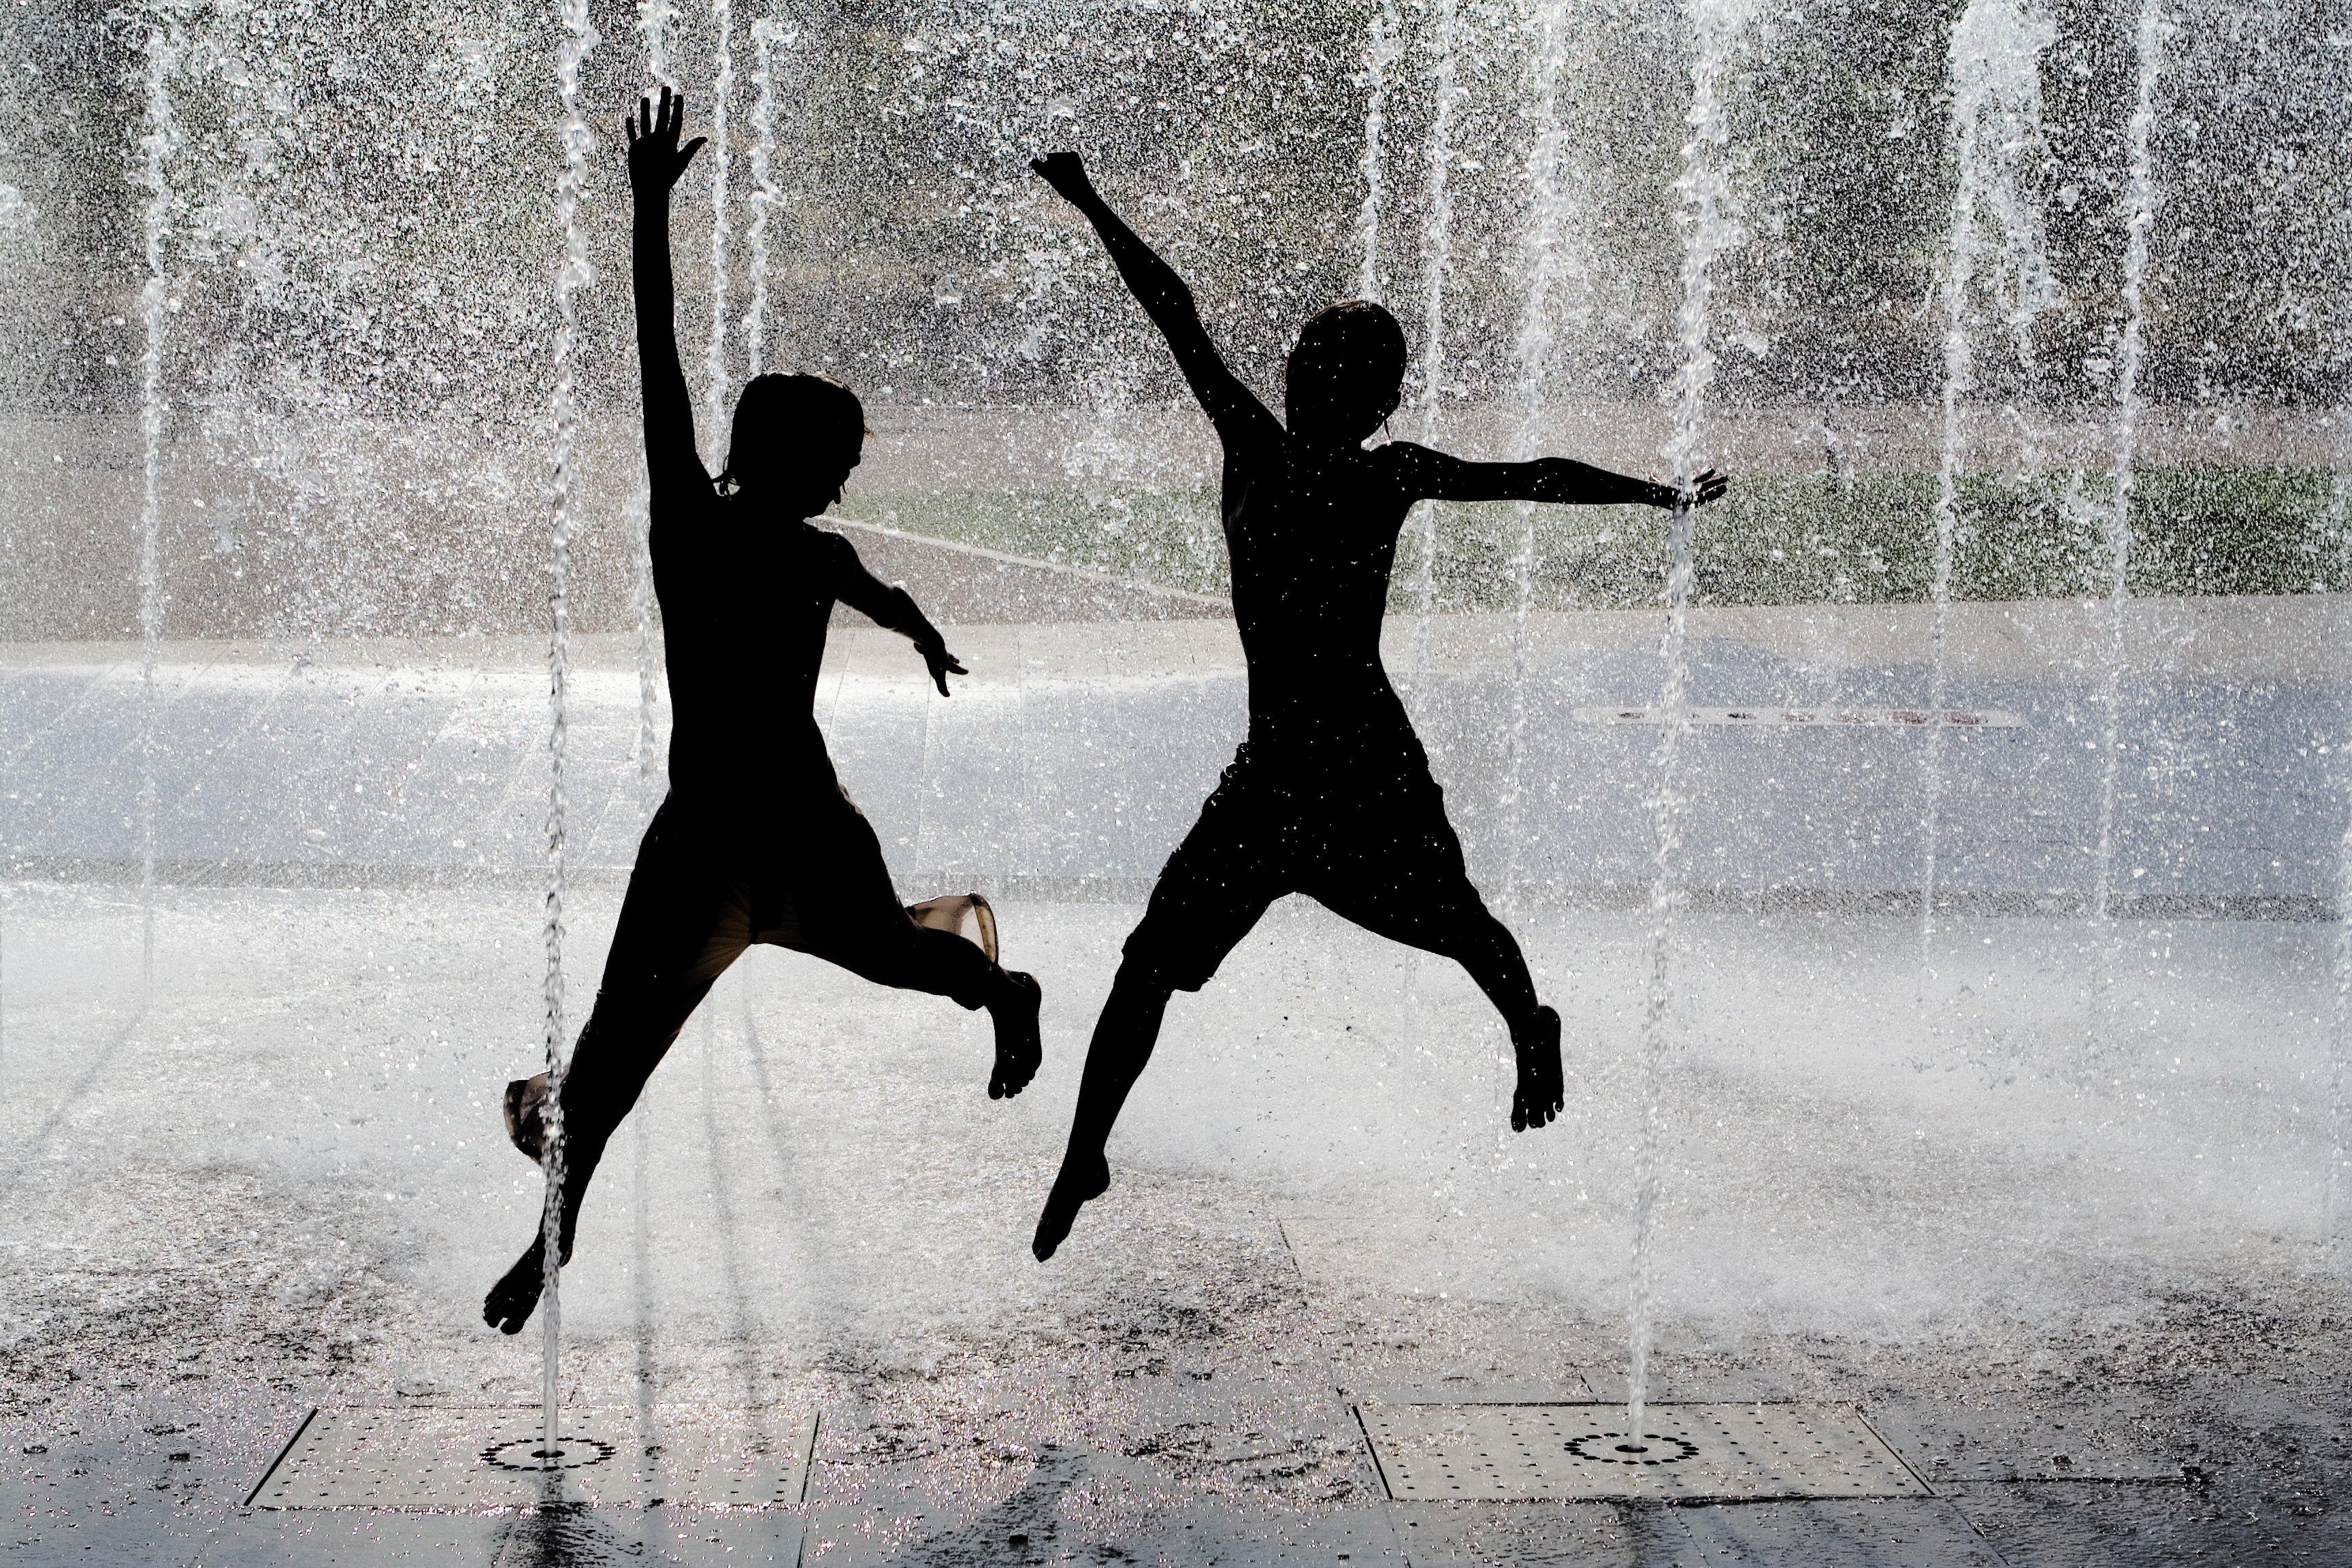 Léto - horko - fontána - město - teplo